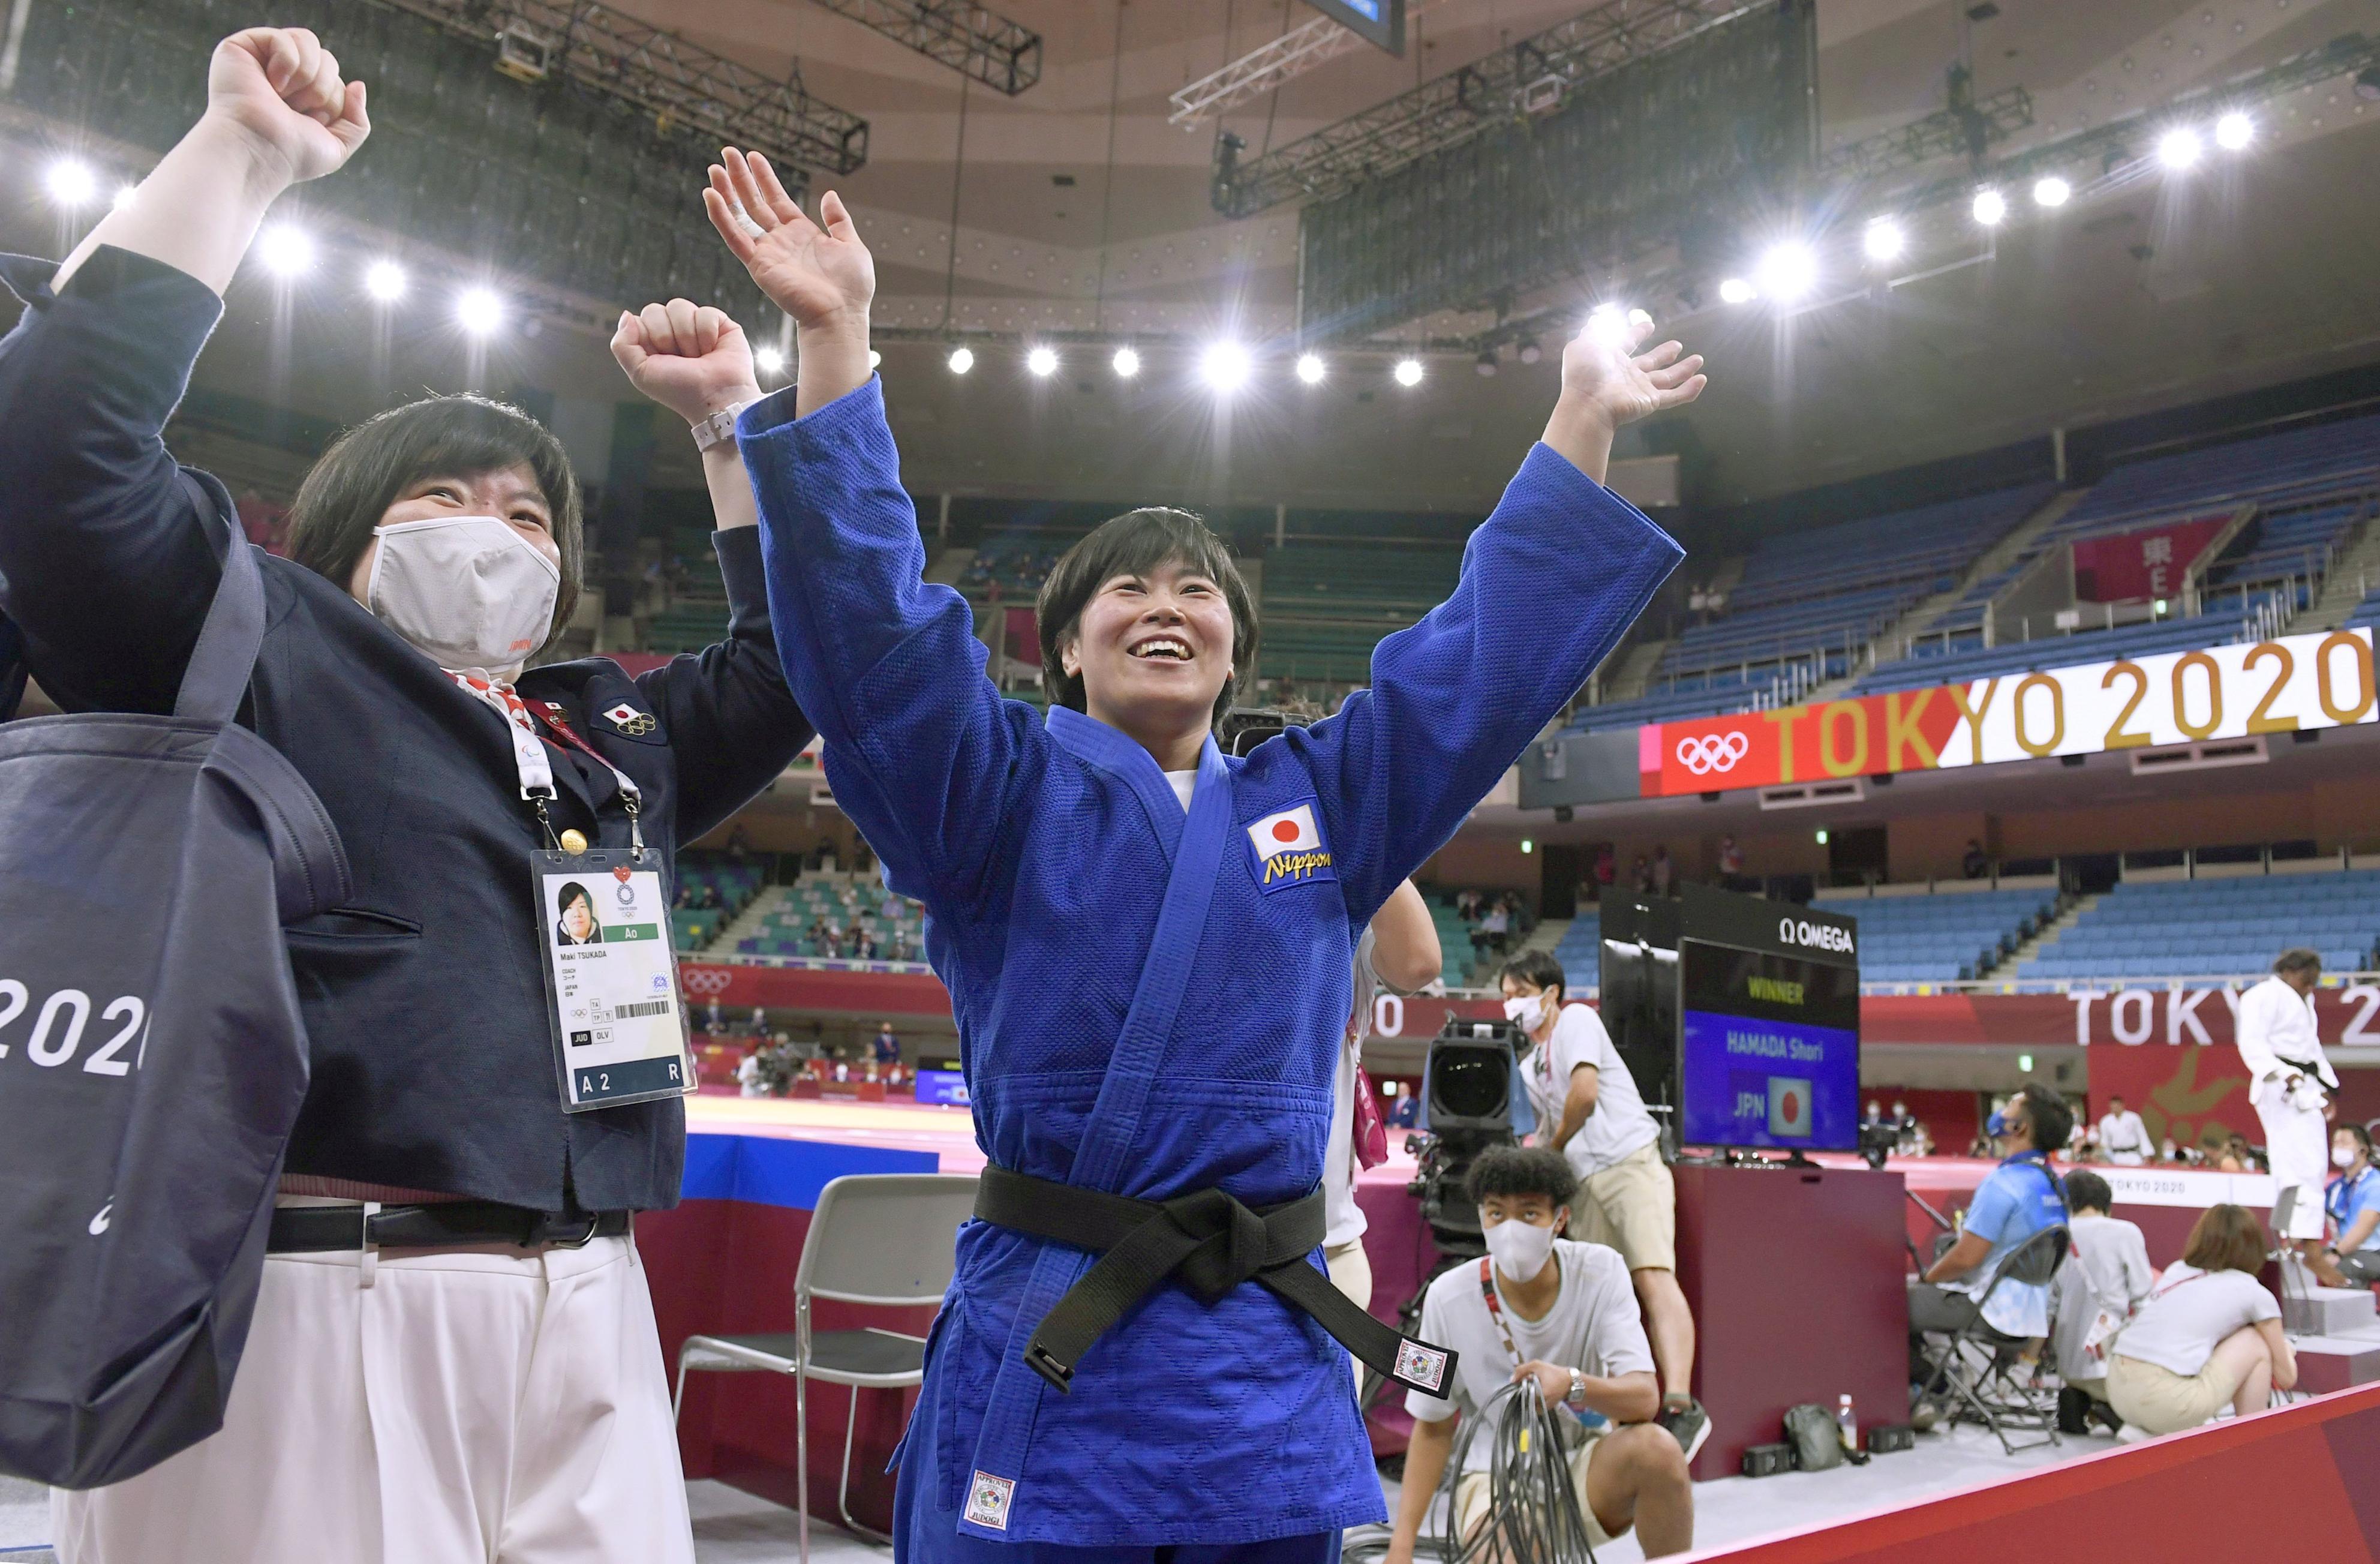 女子78キロ級で金メダルを獲得し笑顔の浜田尚里。左は塚田真希コーチ=日本武道館